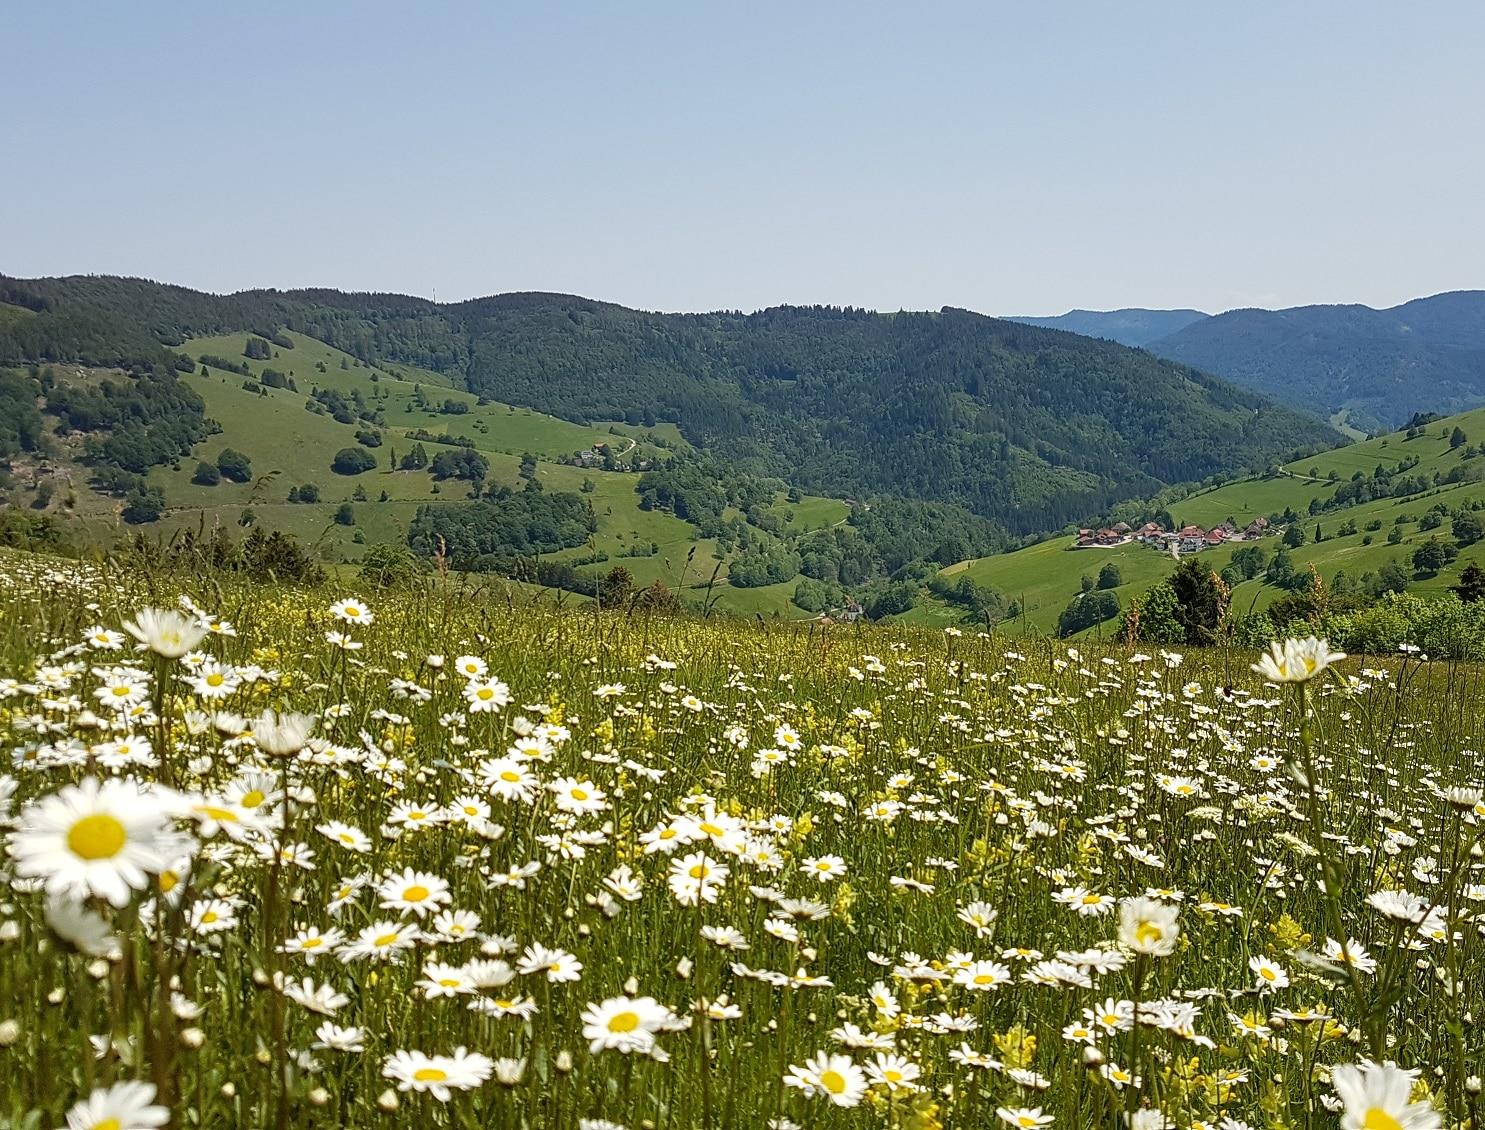 Biosphärengebiet Schwarzwald sucht neue Projektideen: Infoveranstaltung zum Förderprogramm am Dienstag, 23. Juli